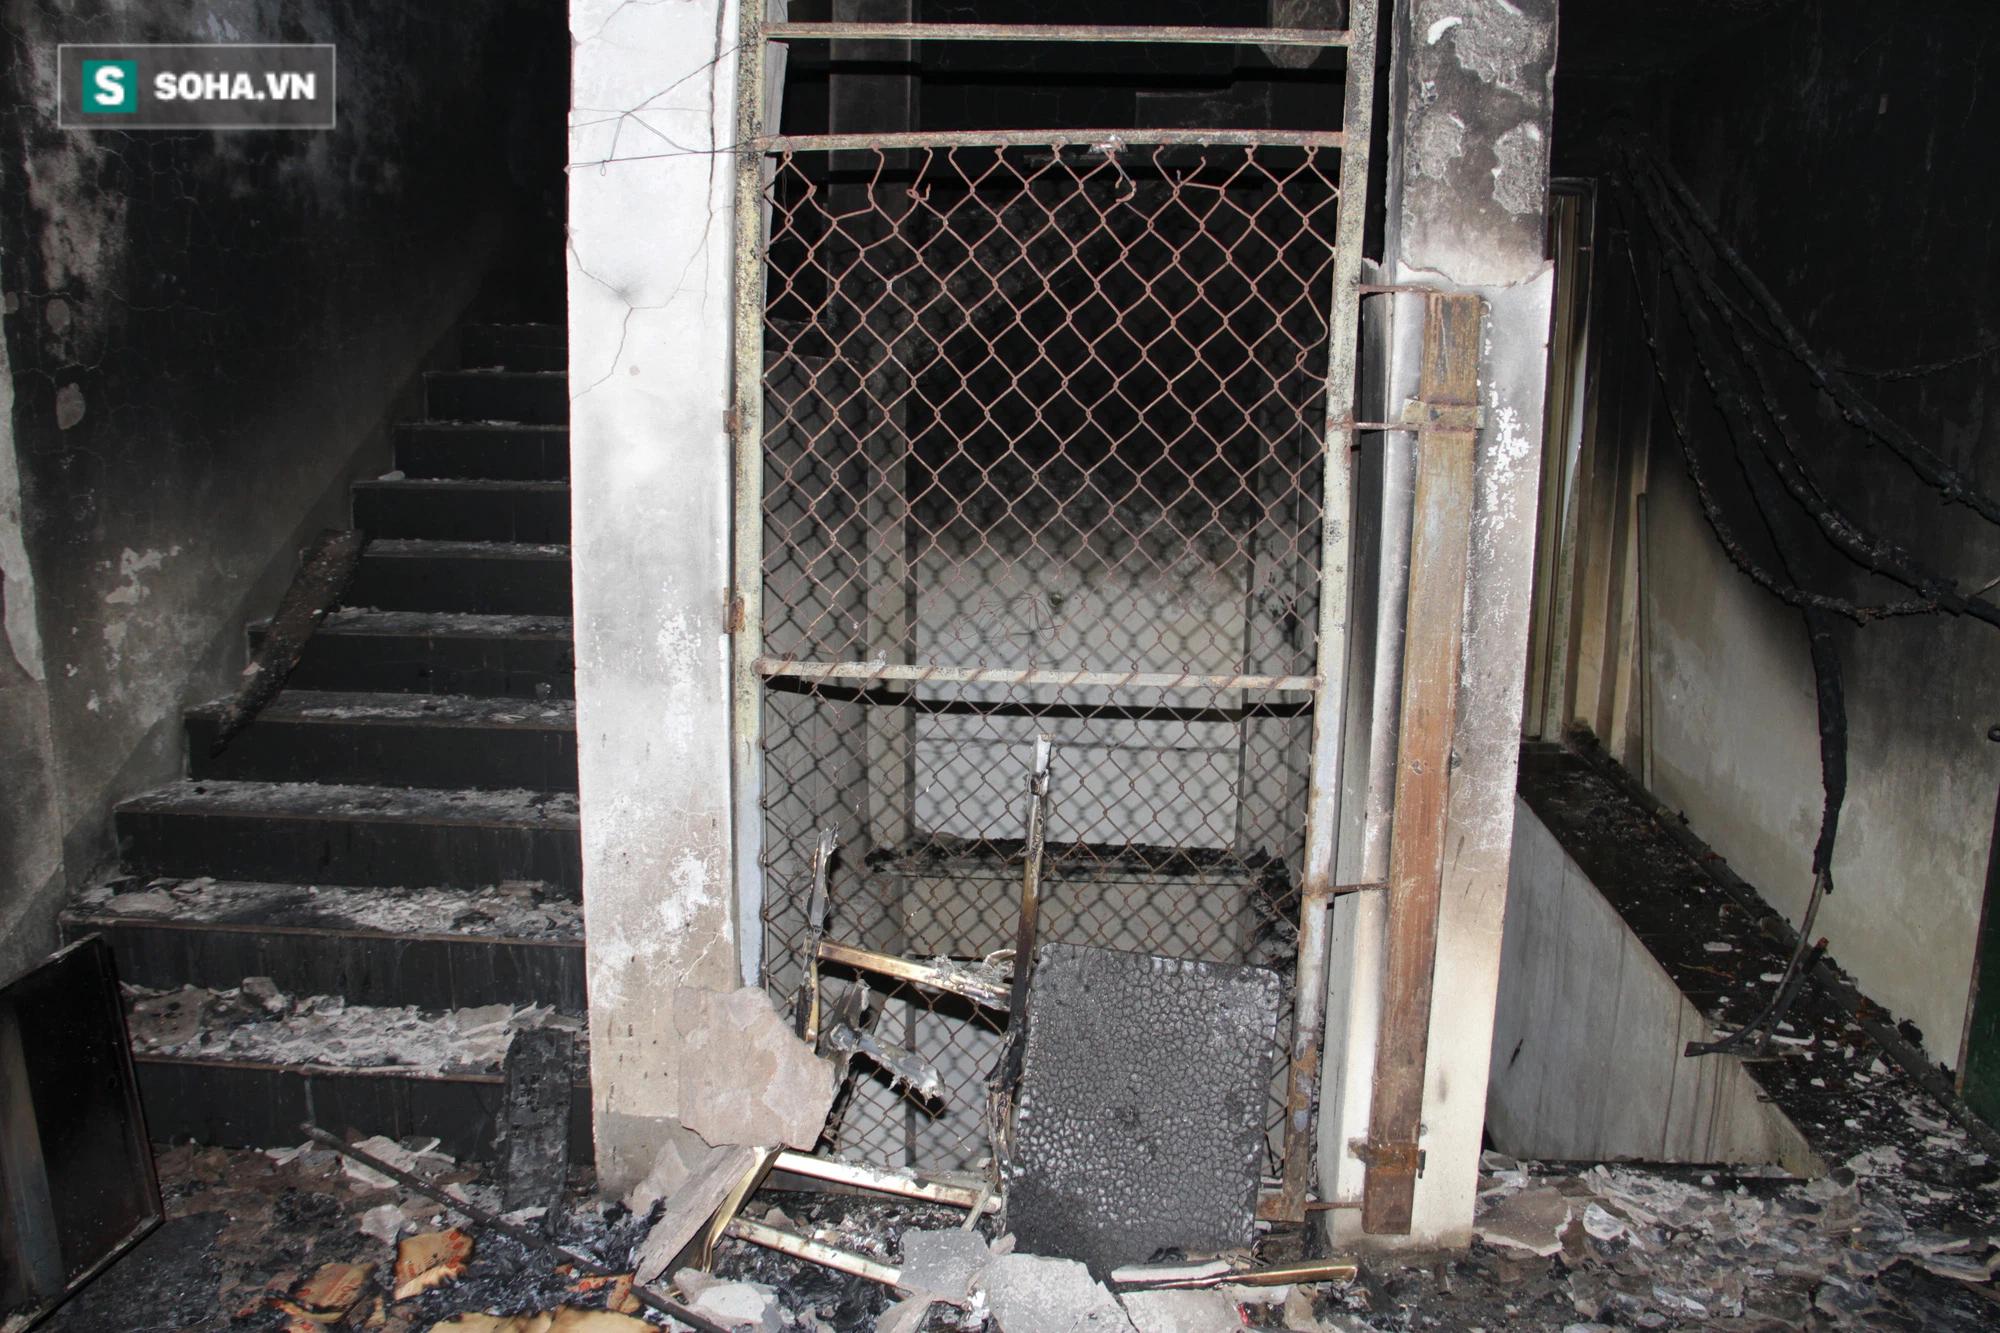 Cận cảnh hiện trường bên trong phòng trà bị cháy khiến 6 người tử vong ở Nghệ An - Ảnh 23.